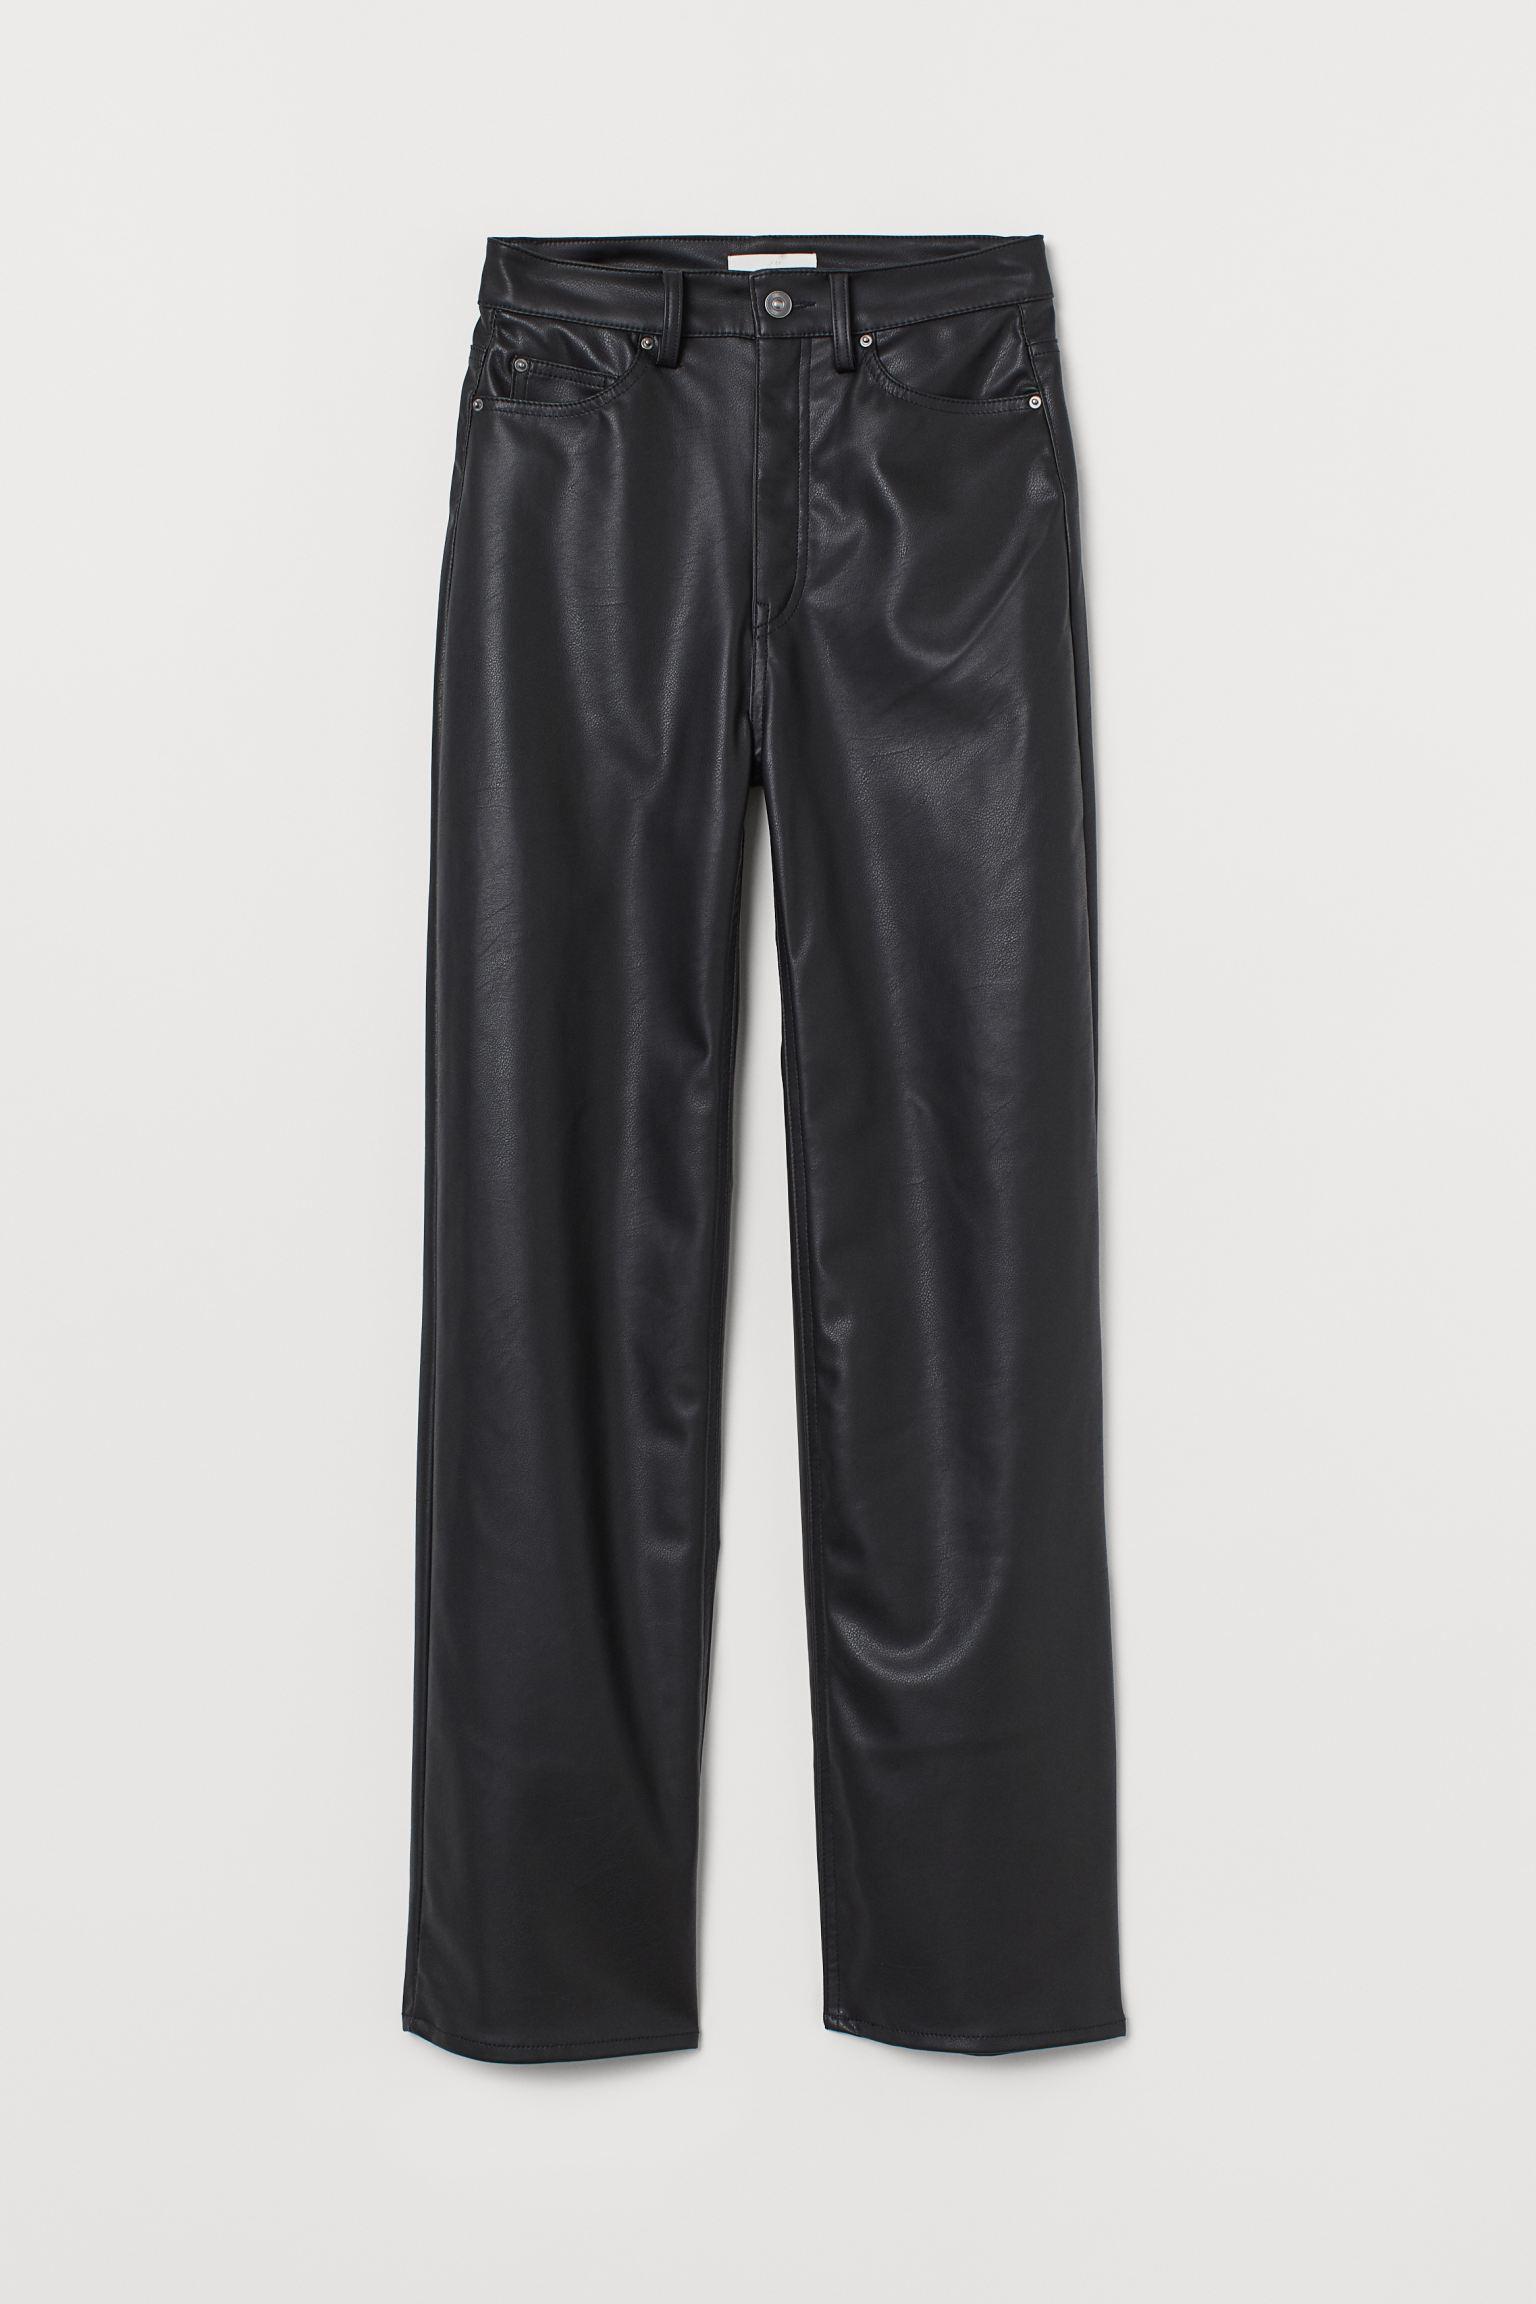 Pantalones rectos en piel sintética